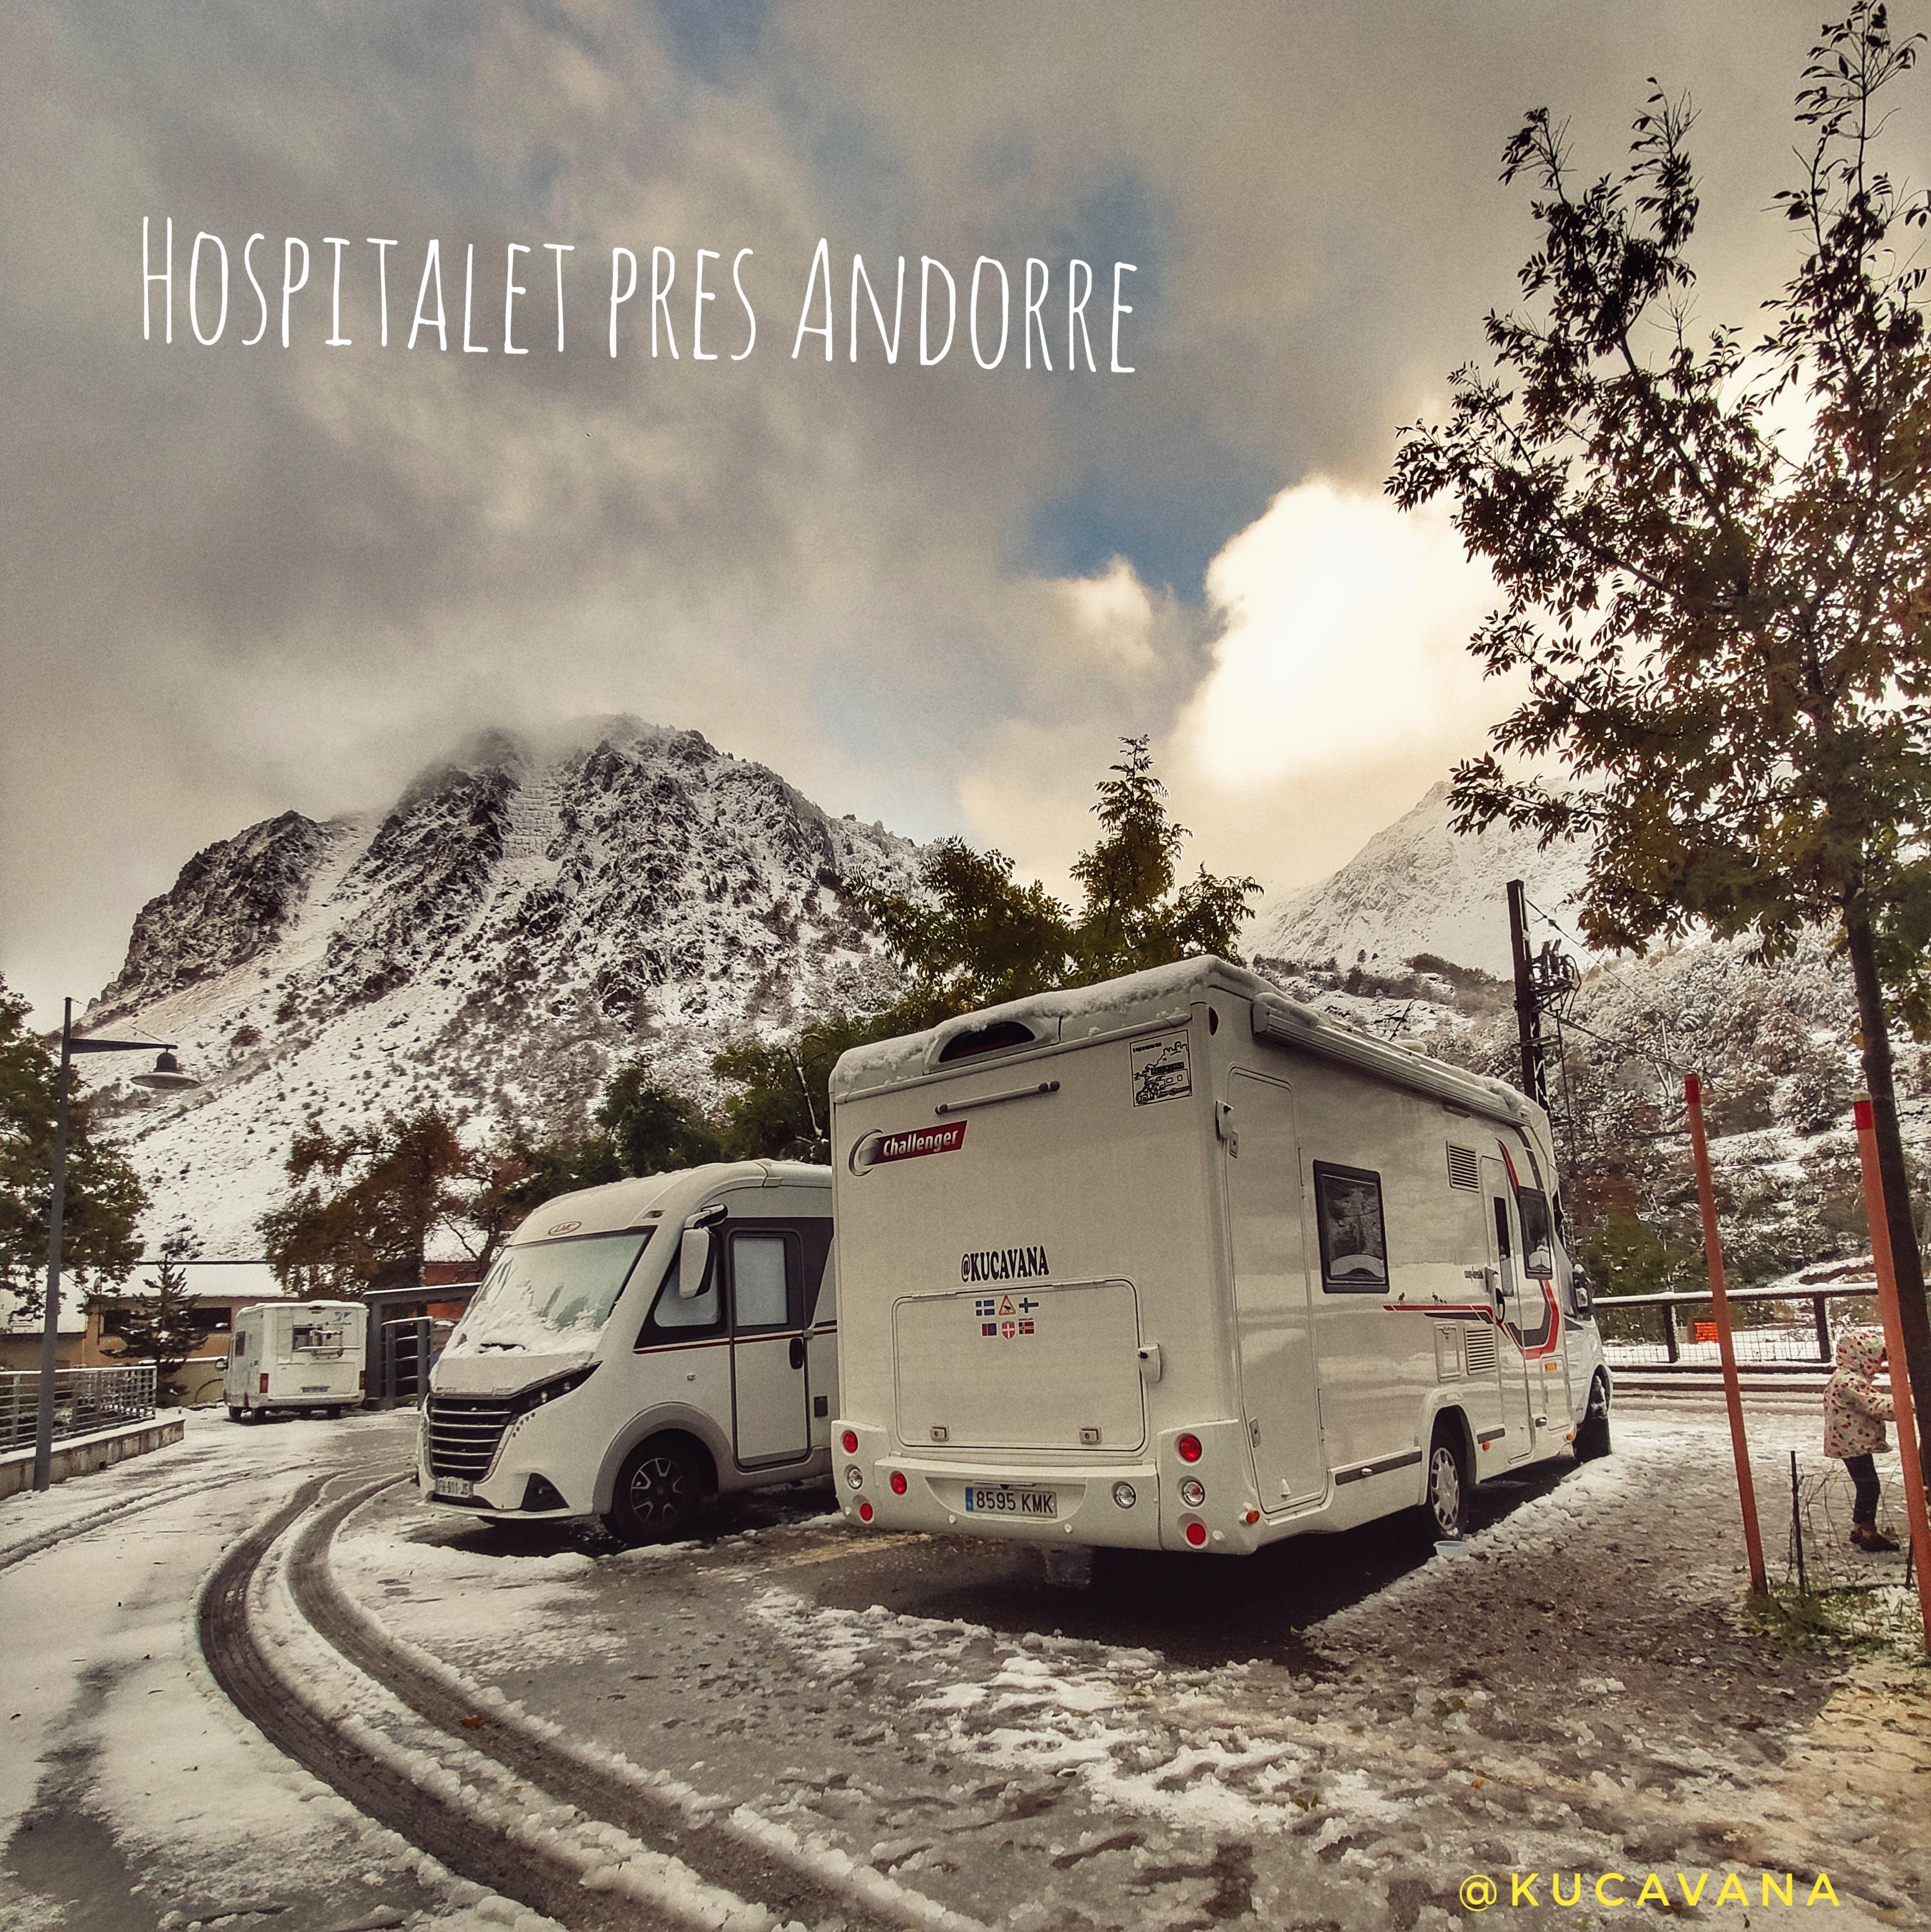 Hospitalet pres Andorre, le carrefour idéal comme camp de base